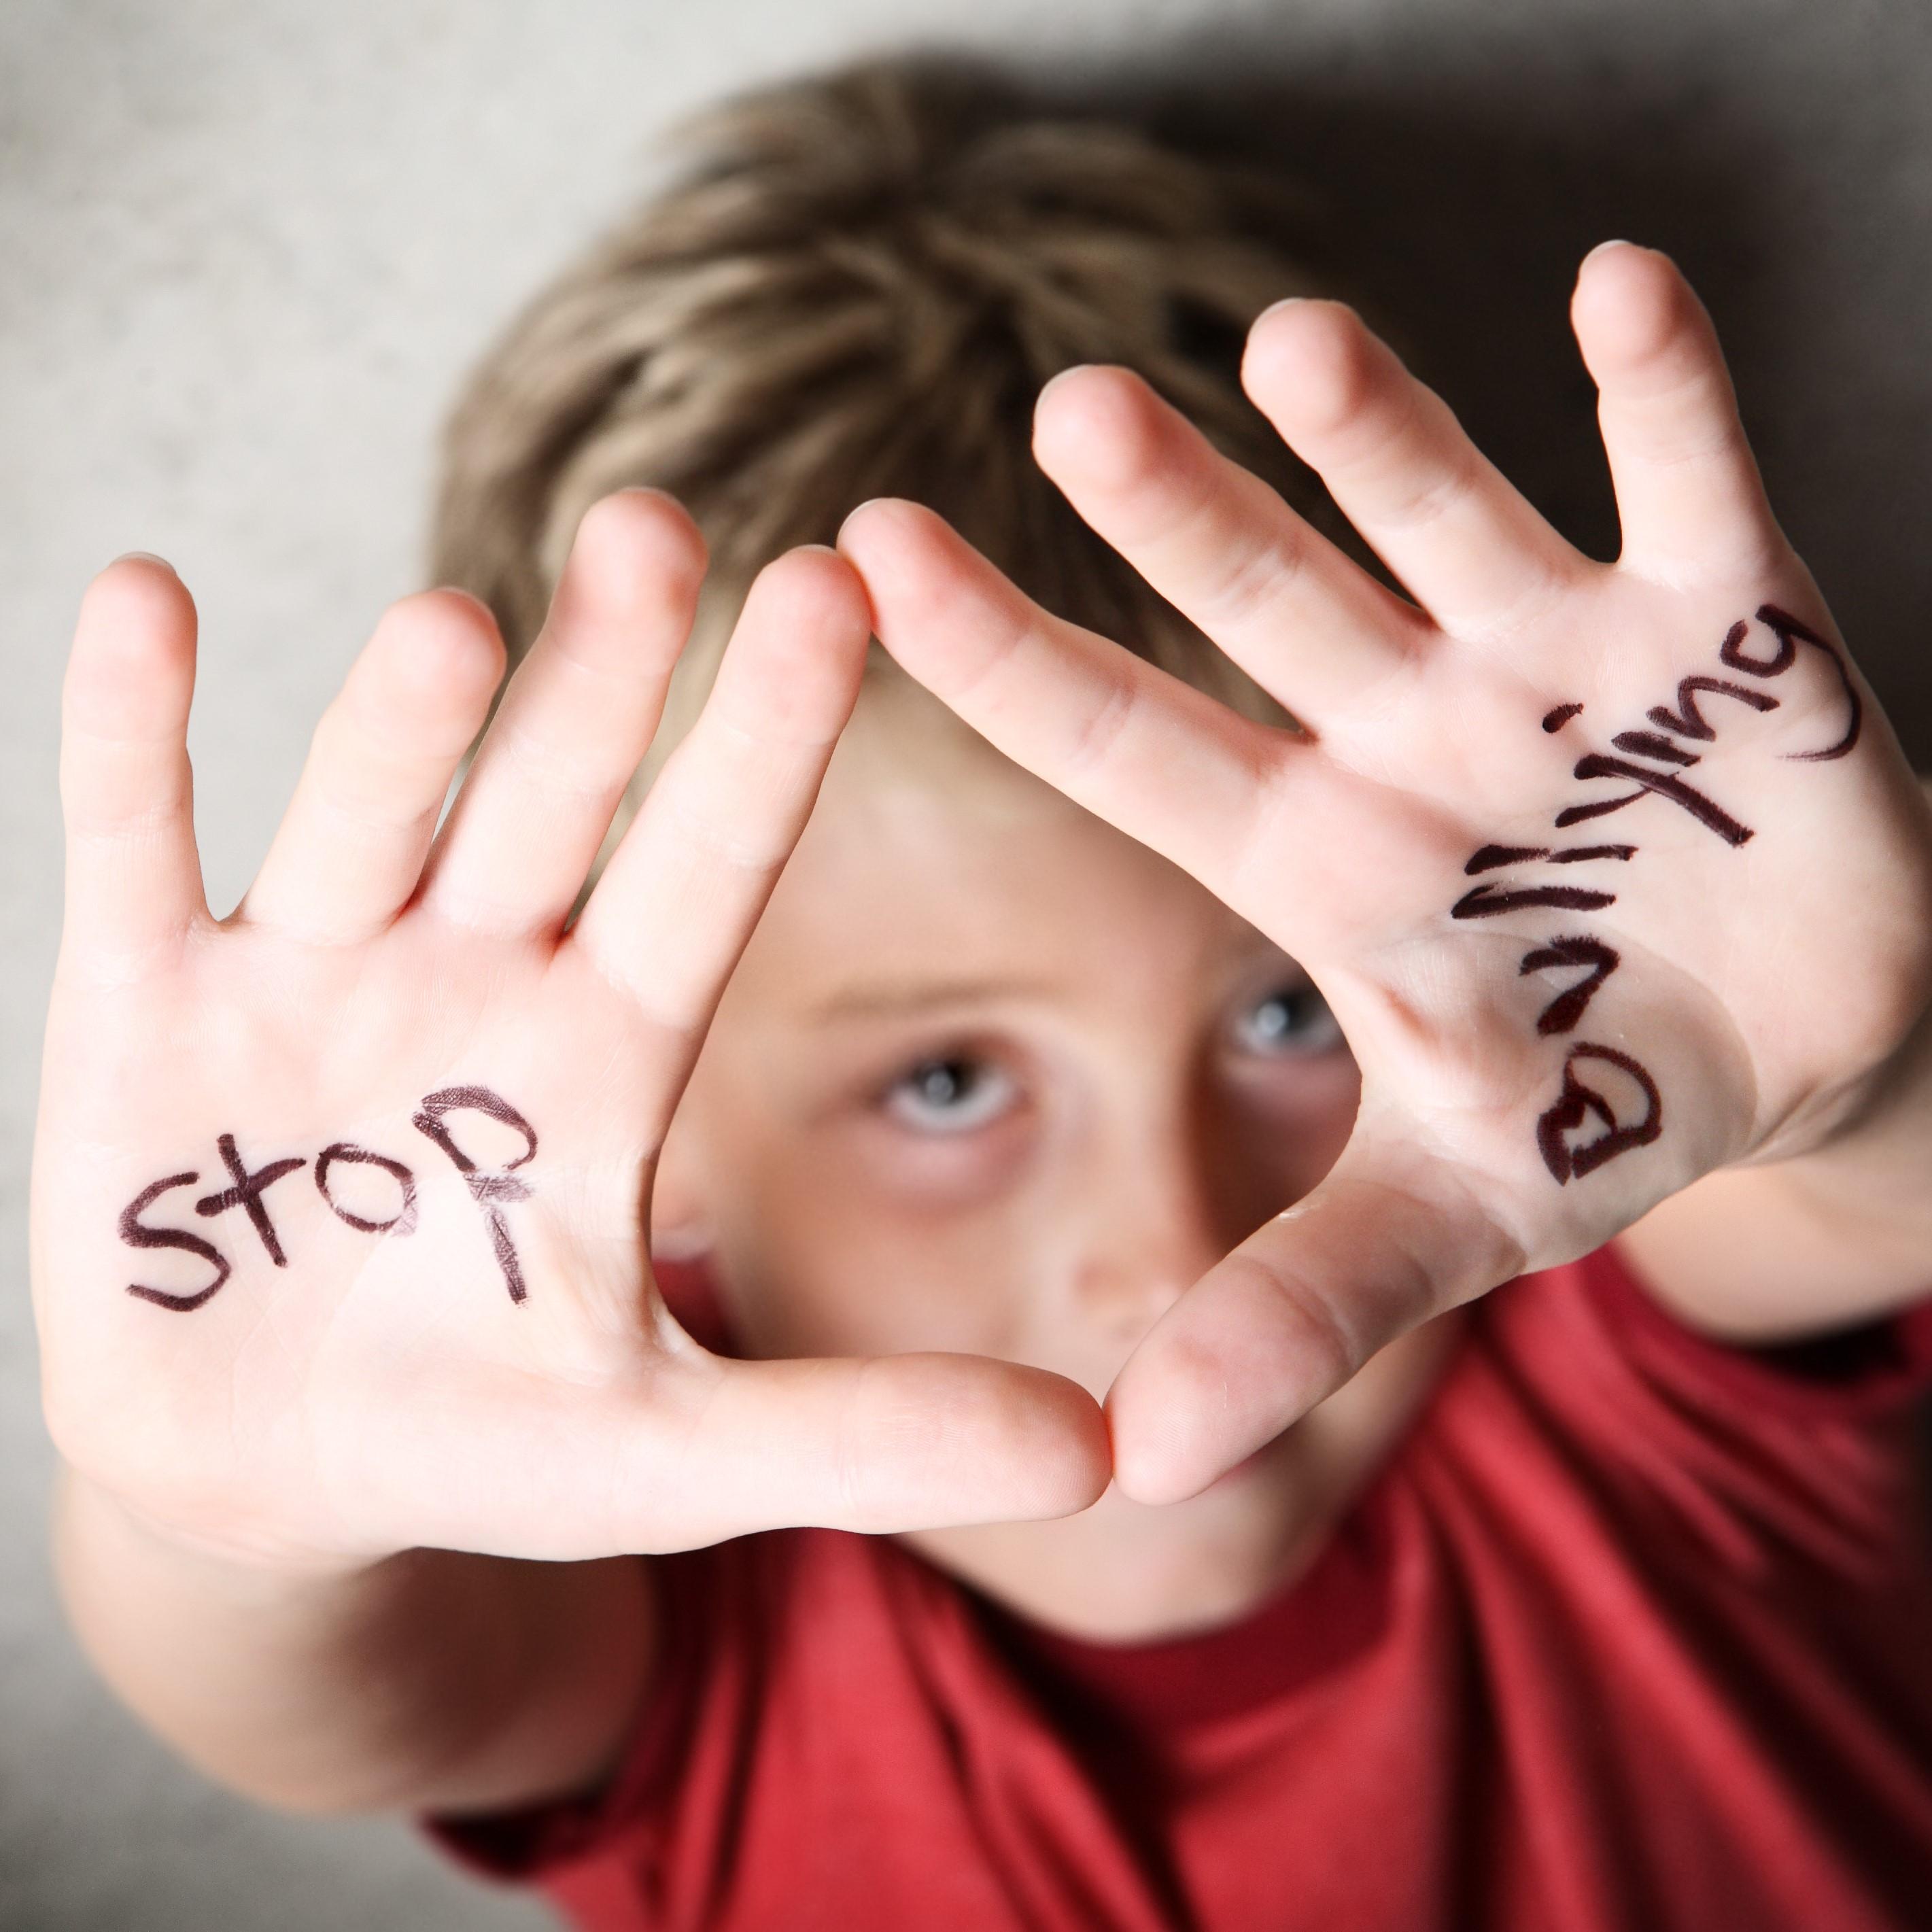 Μυστήριο πίσω από την επίθεση εκφοβισμού μαθητή από συνομήλικούς του